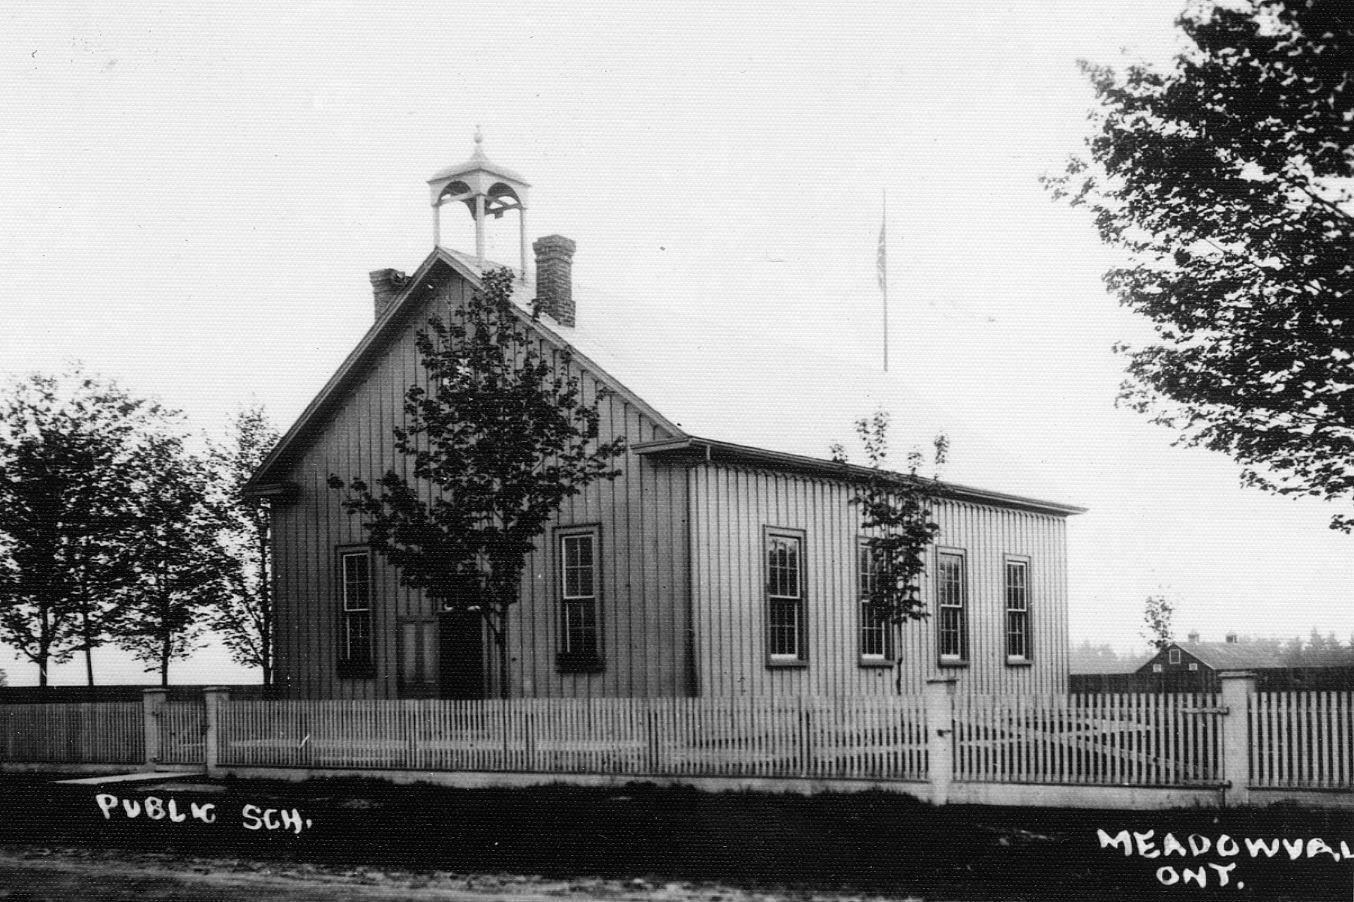 Meadowvale Public School, c1905